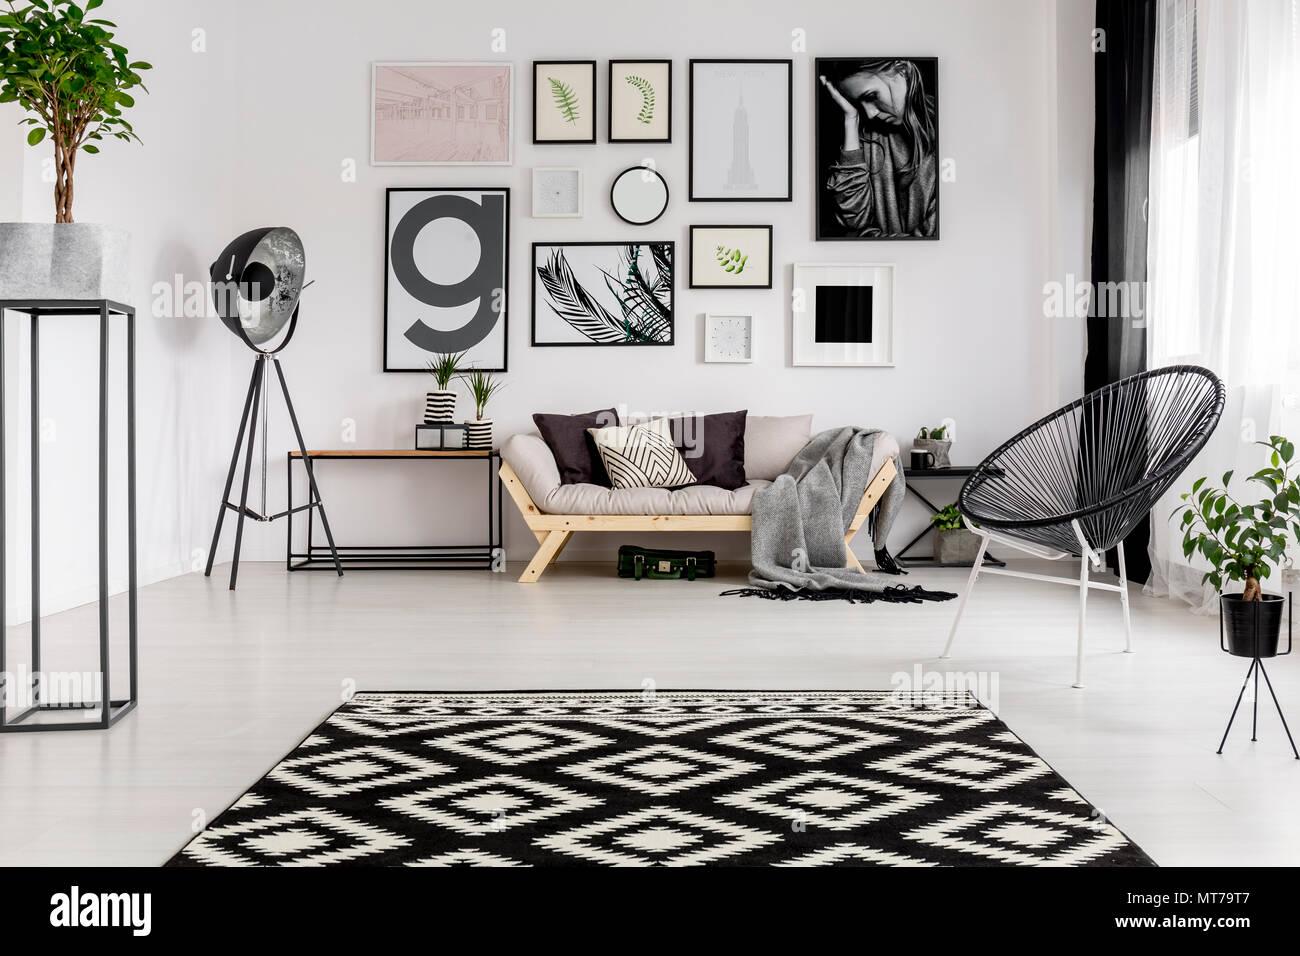 Bianco e nero moquette a motivi geometrici in soggiorno moderno ...